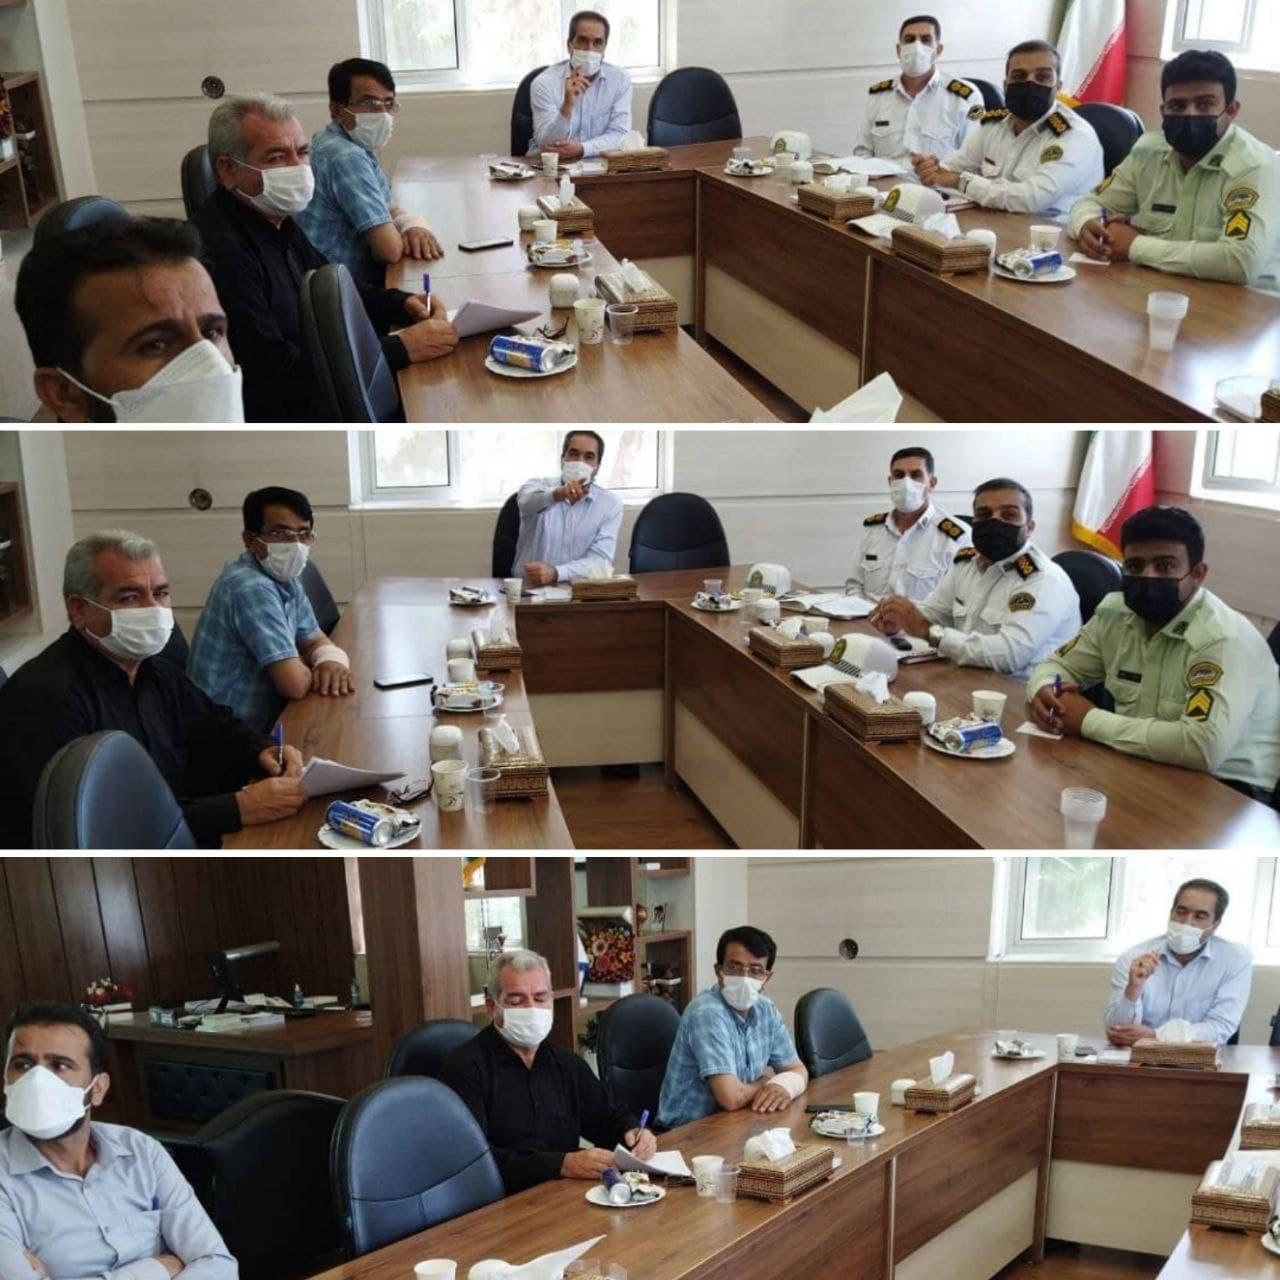 شهرداری وزوان :جلسه کمیته فرعی حمل و نقل و ترافیک با حضور شهردار